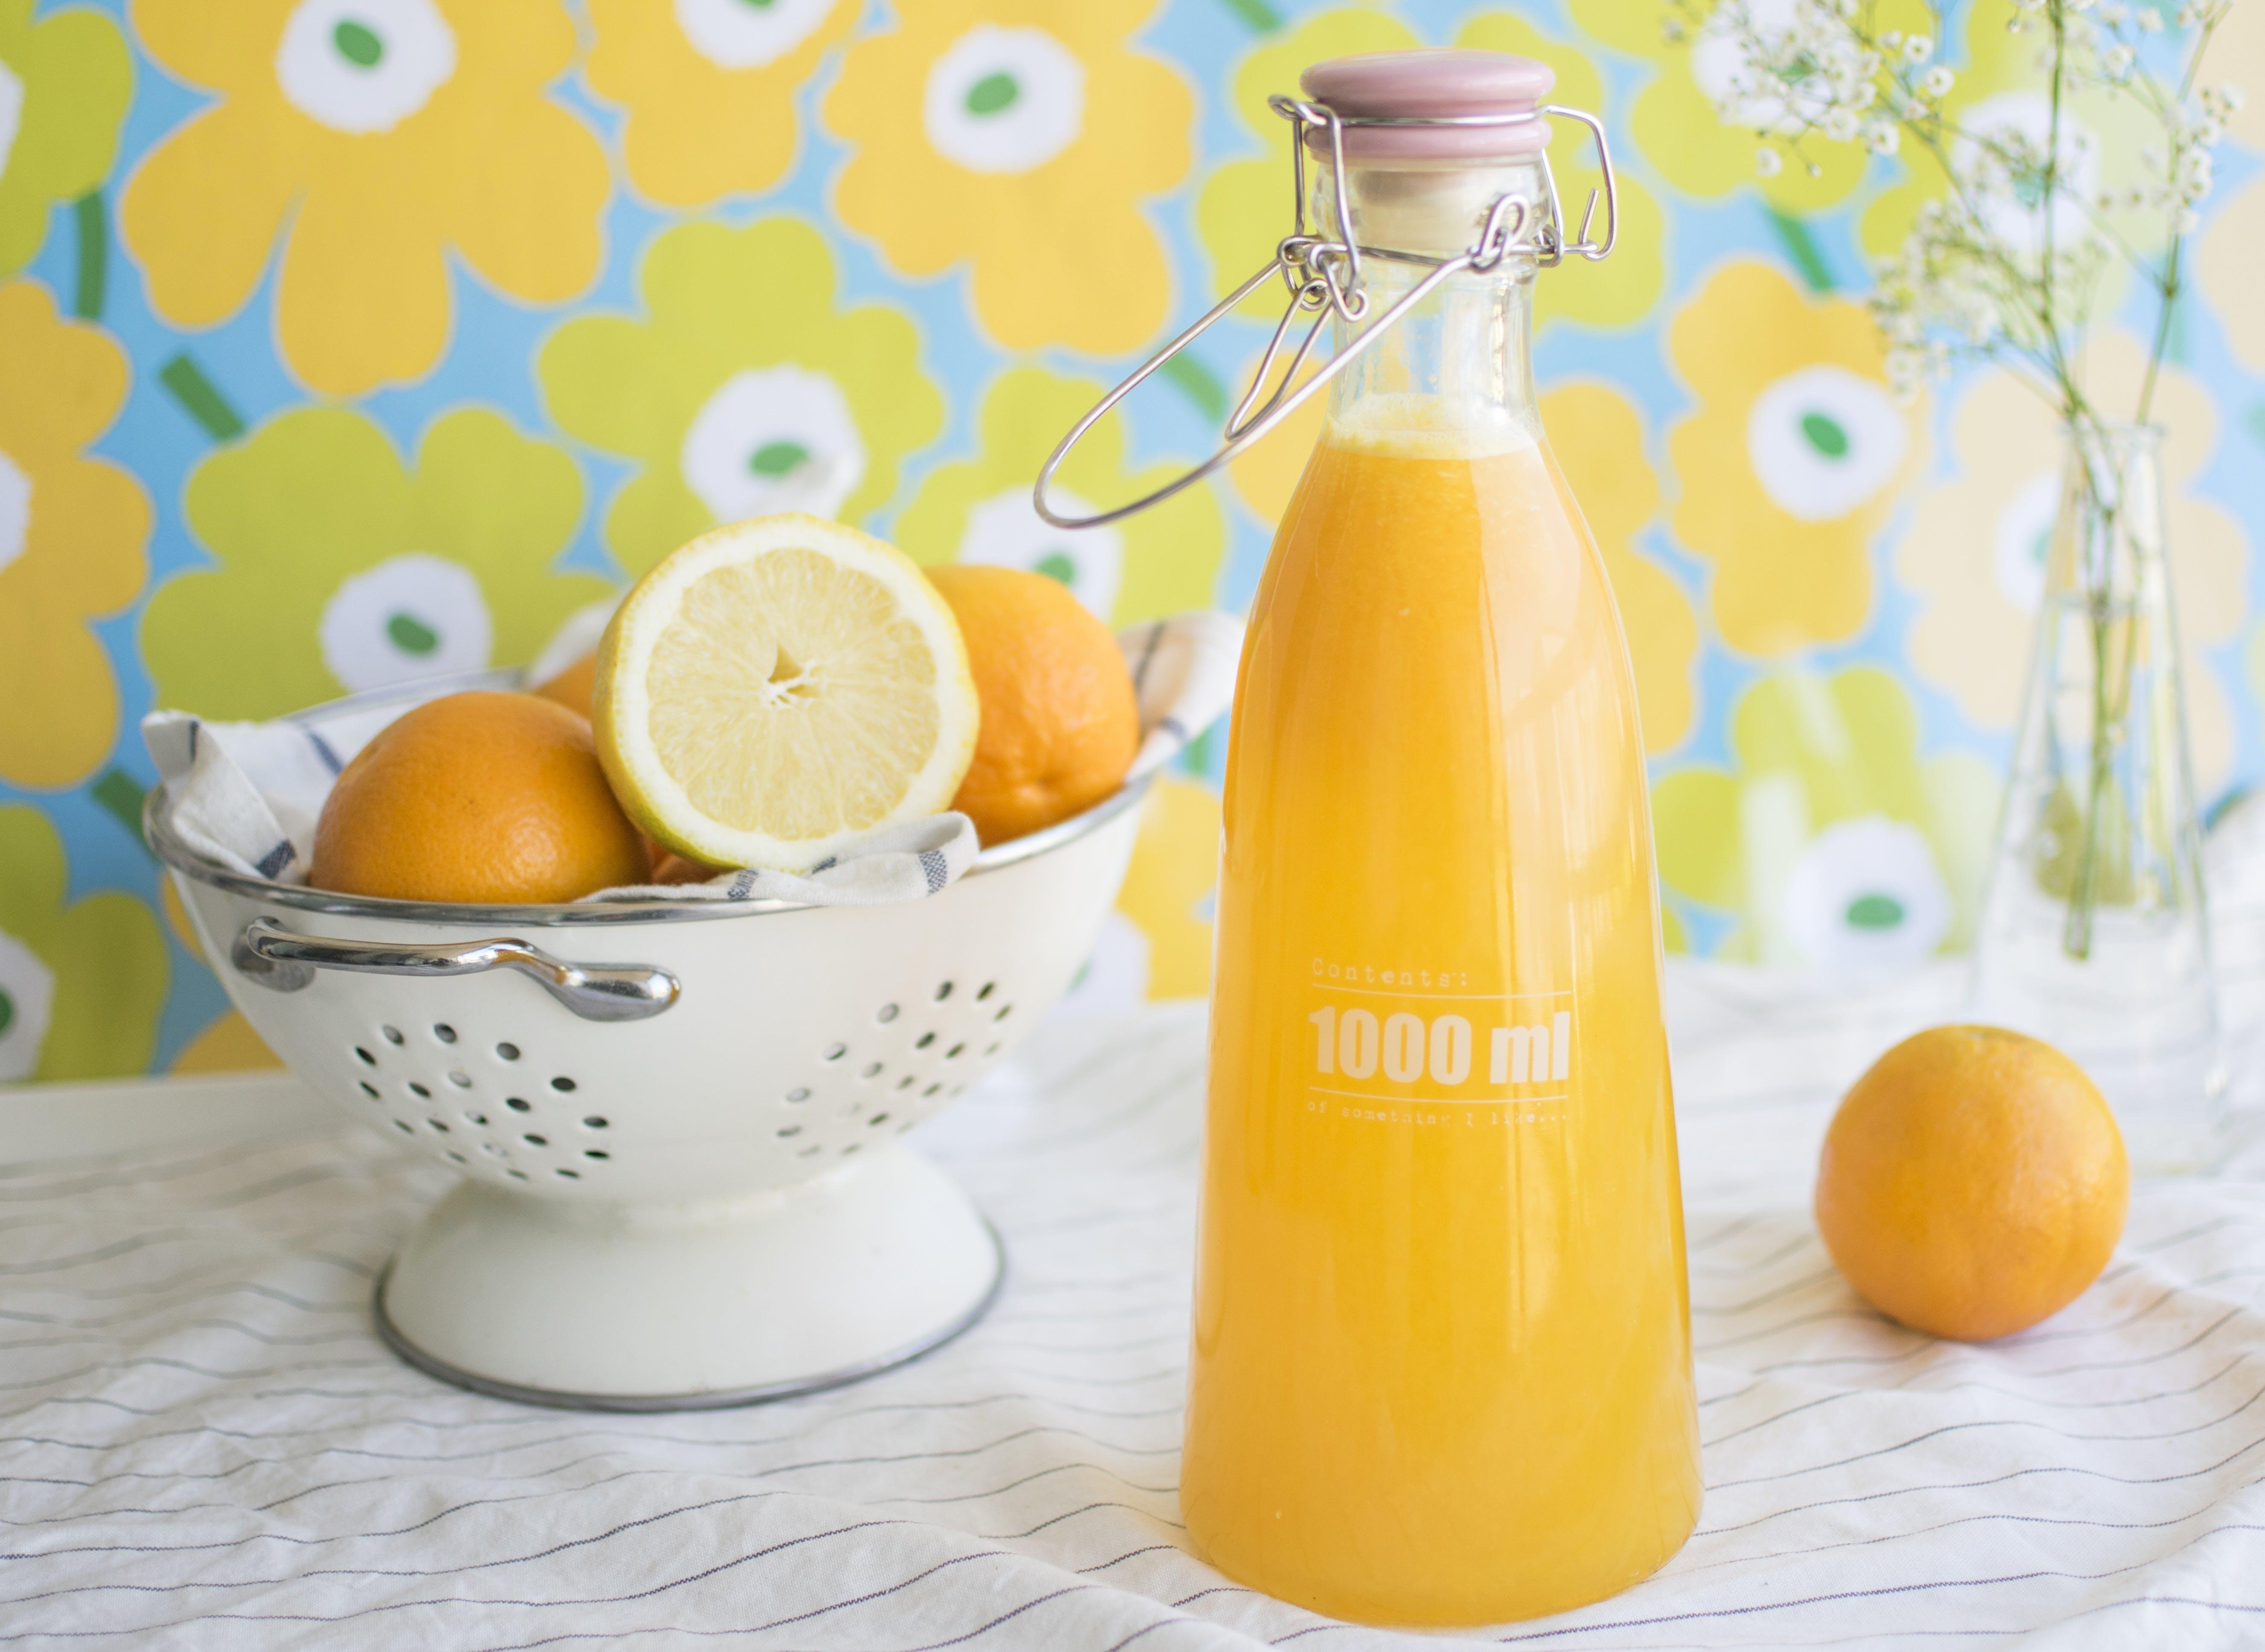 Orange Juice-filled Bottle Near Tray With Orange Fruits